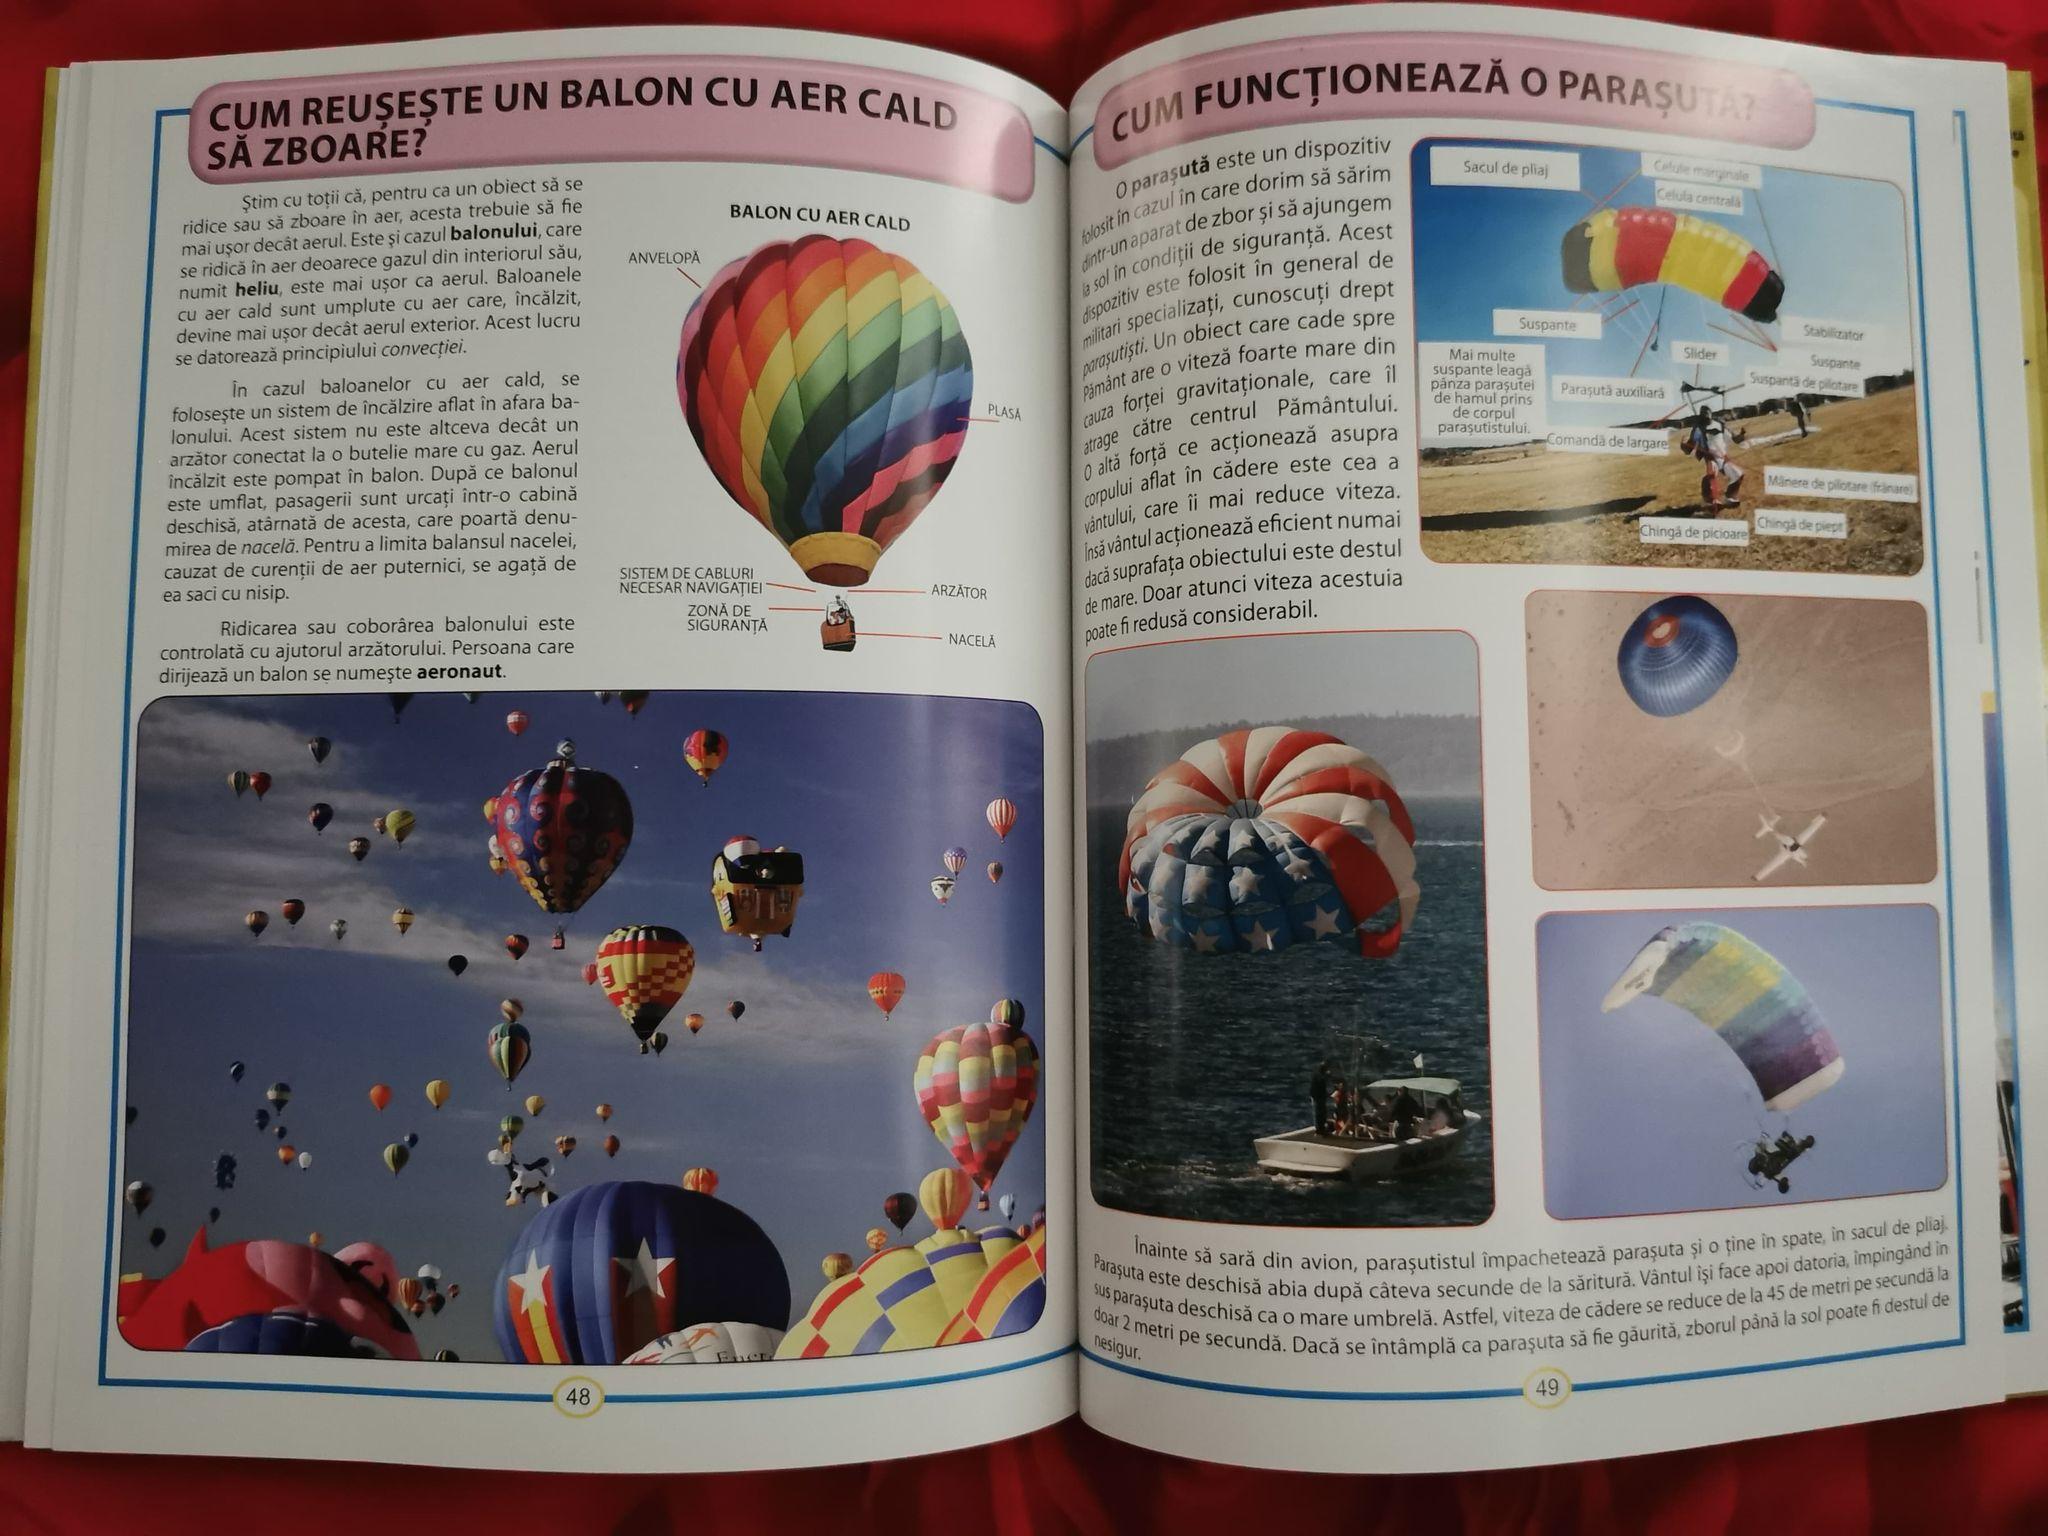 afla totul despre cum functioneaza lucrurile, carte pentru copii. cum functioneaza o parasuta. cum functioneaza un balon cu aer cald